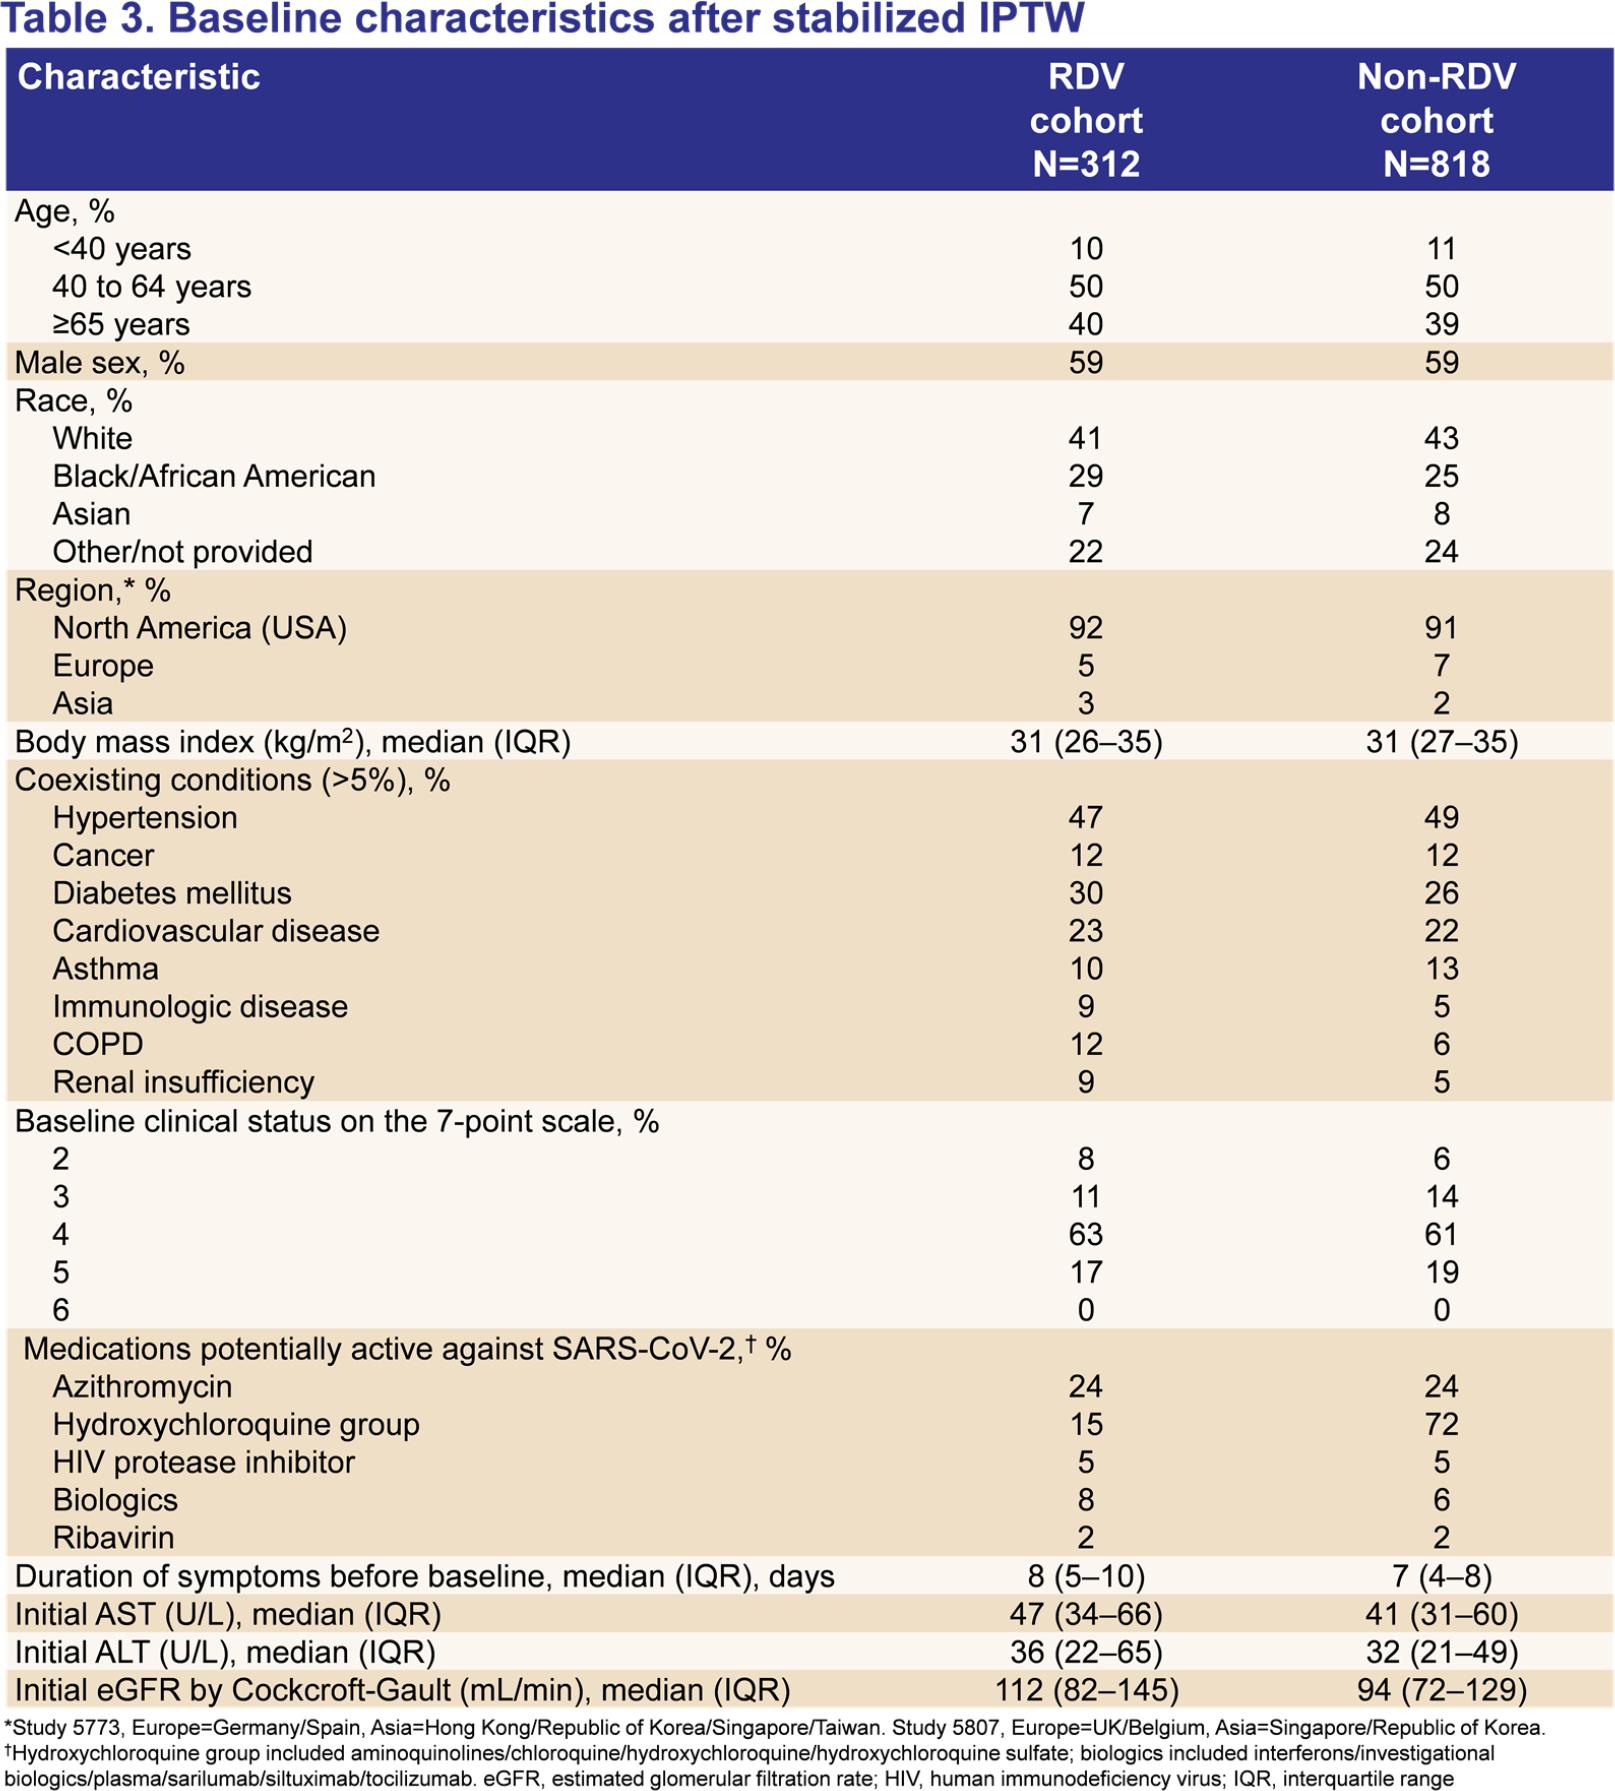 remdesivir vs rwd 03 - Коронавирус. Лекарства. Ремдесивир: ловкость рук Gilead как ставка на жизнь